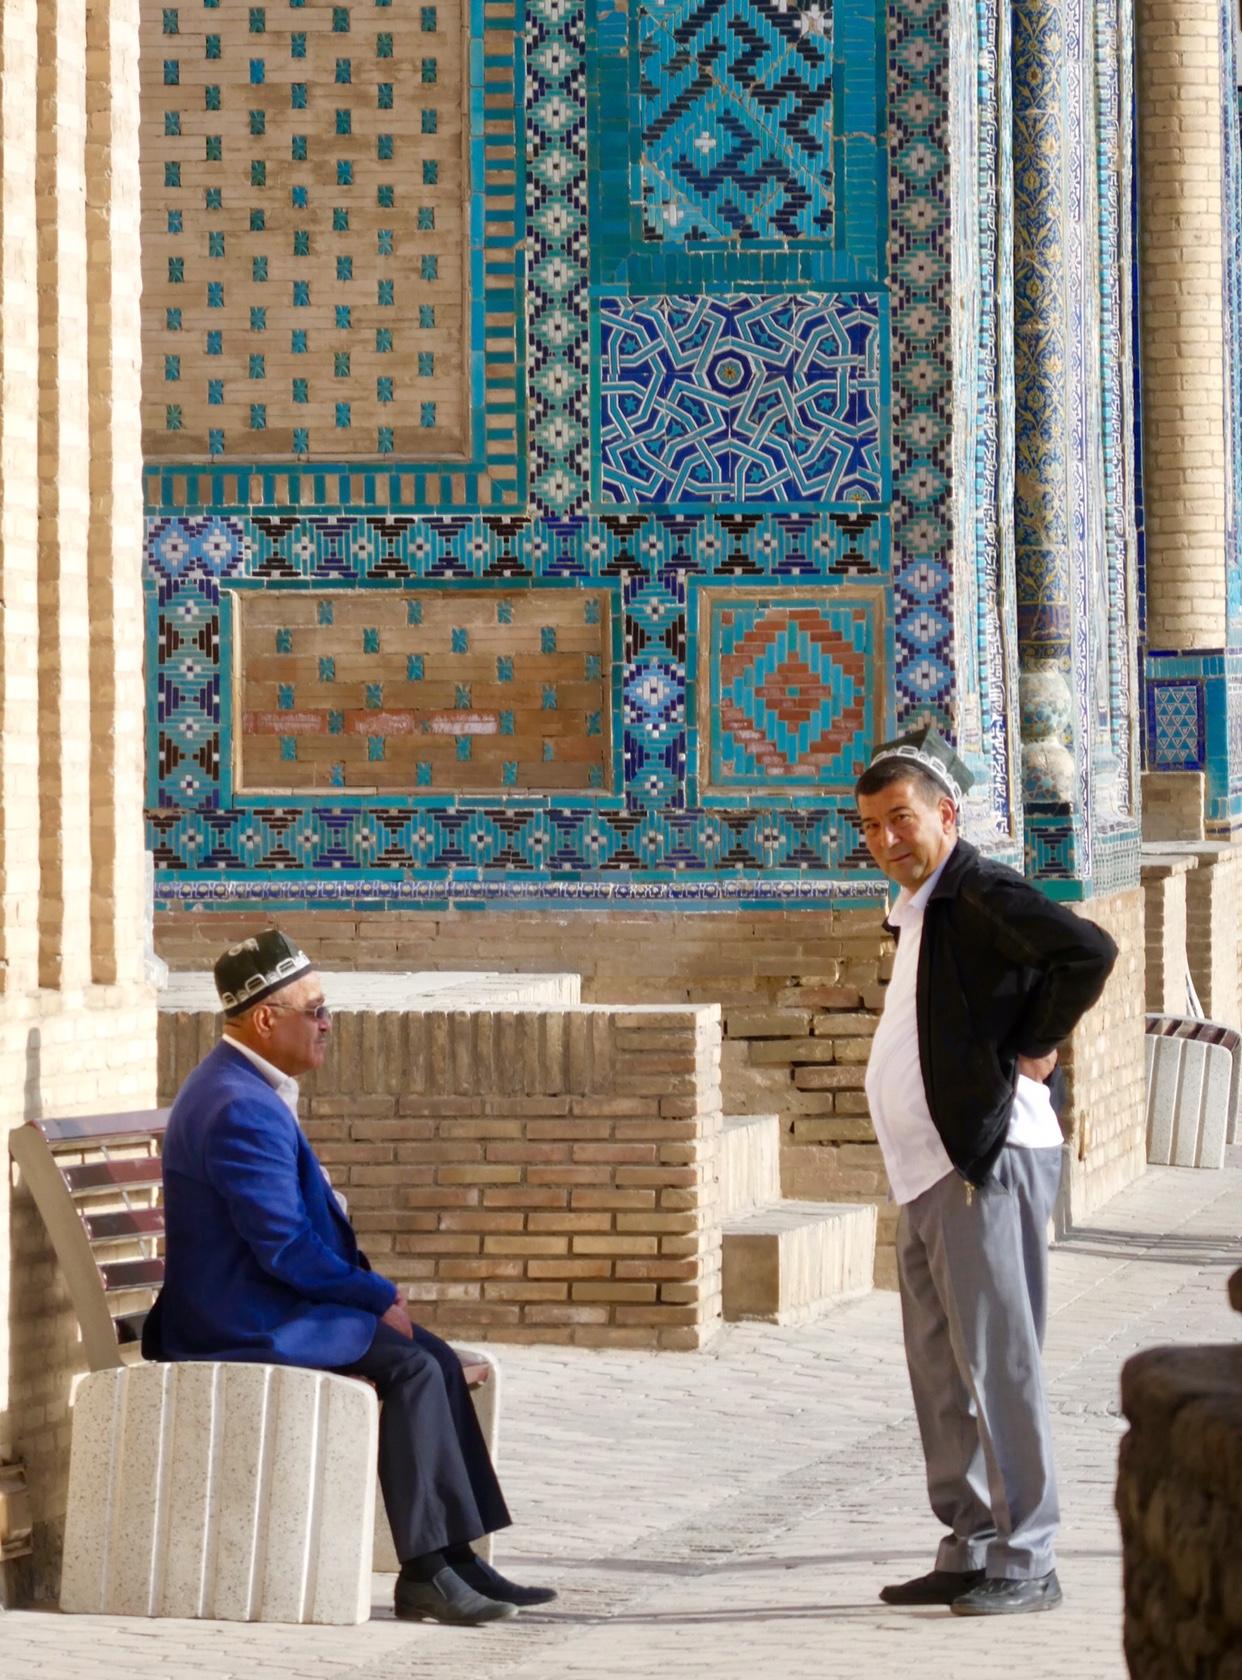 Uzbek men talking